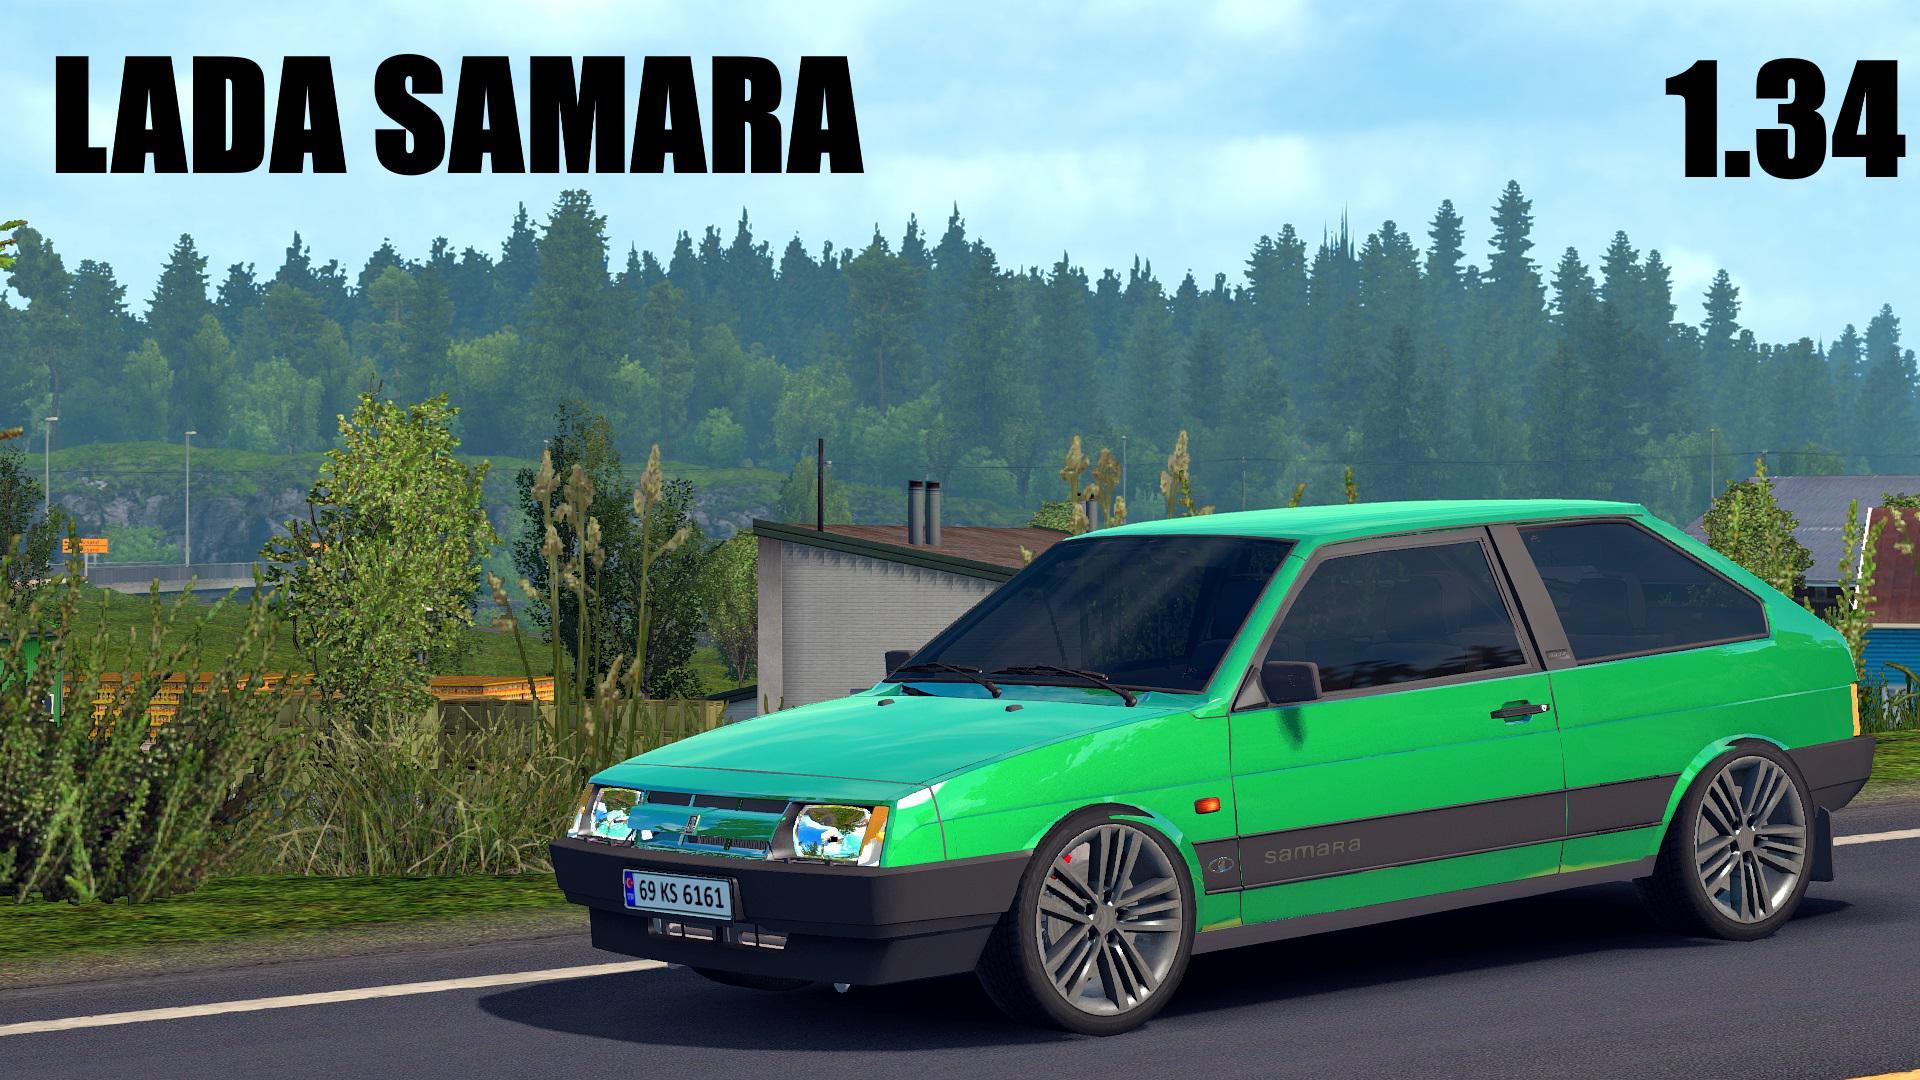 Euro Samara